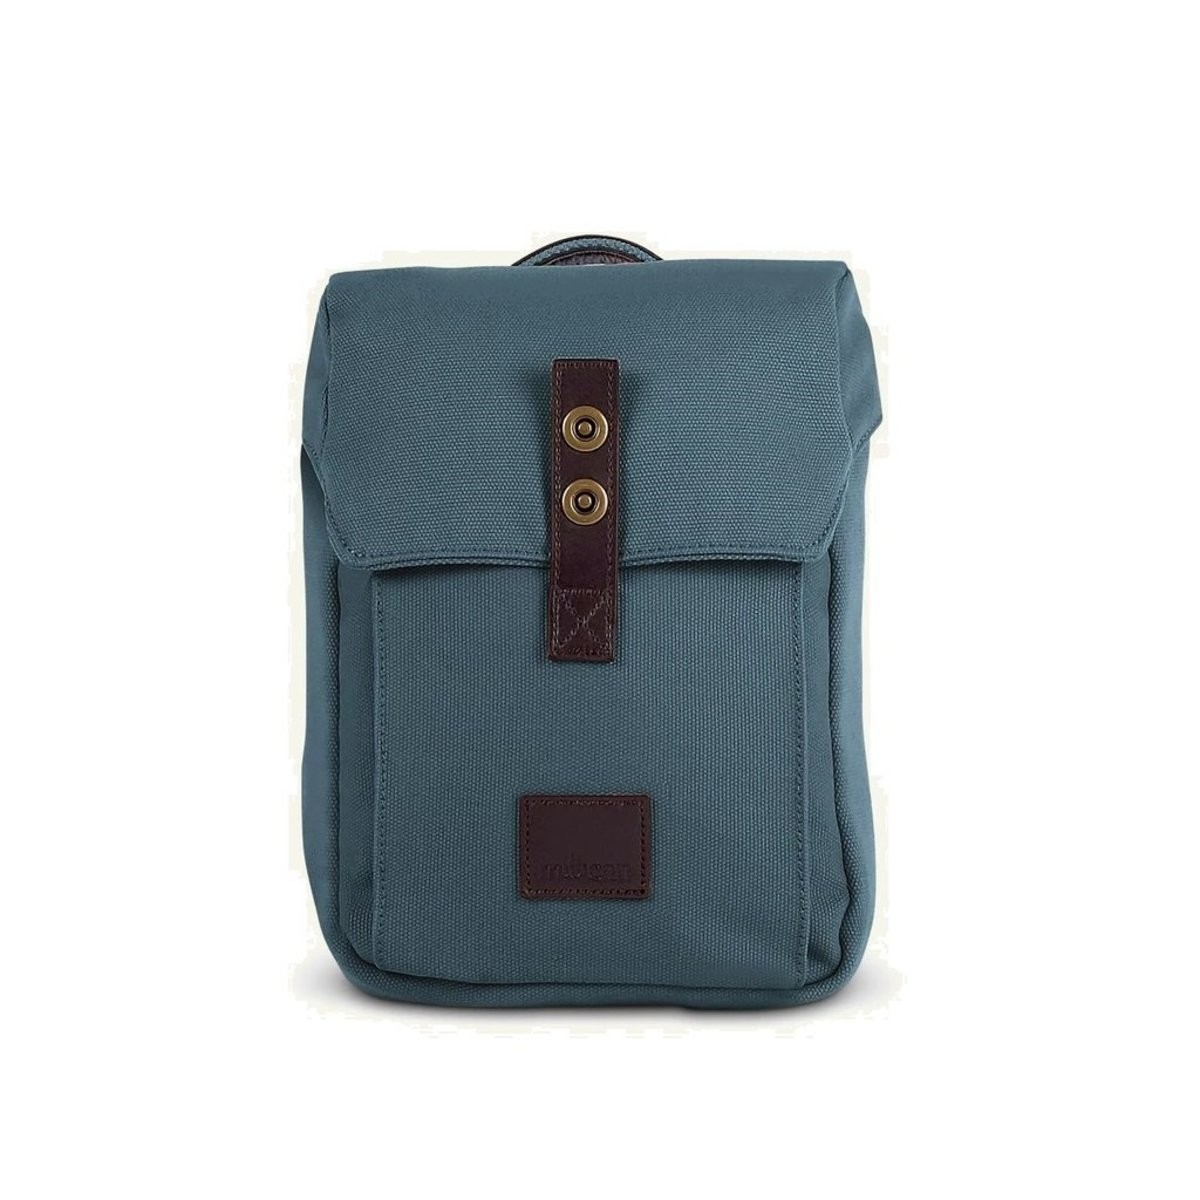 斜揹袋 - Rob The Traveller Bag (7L)